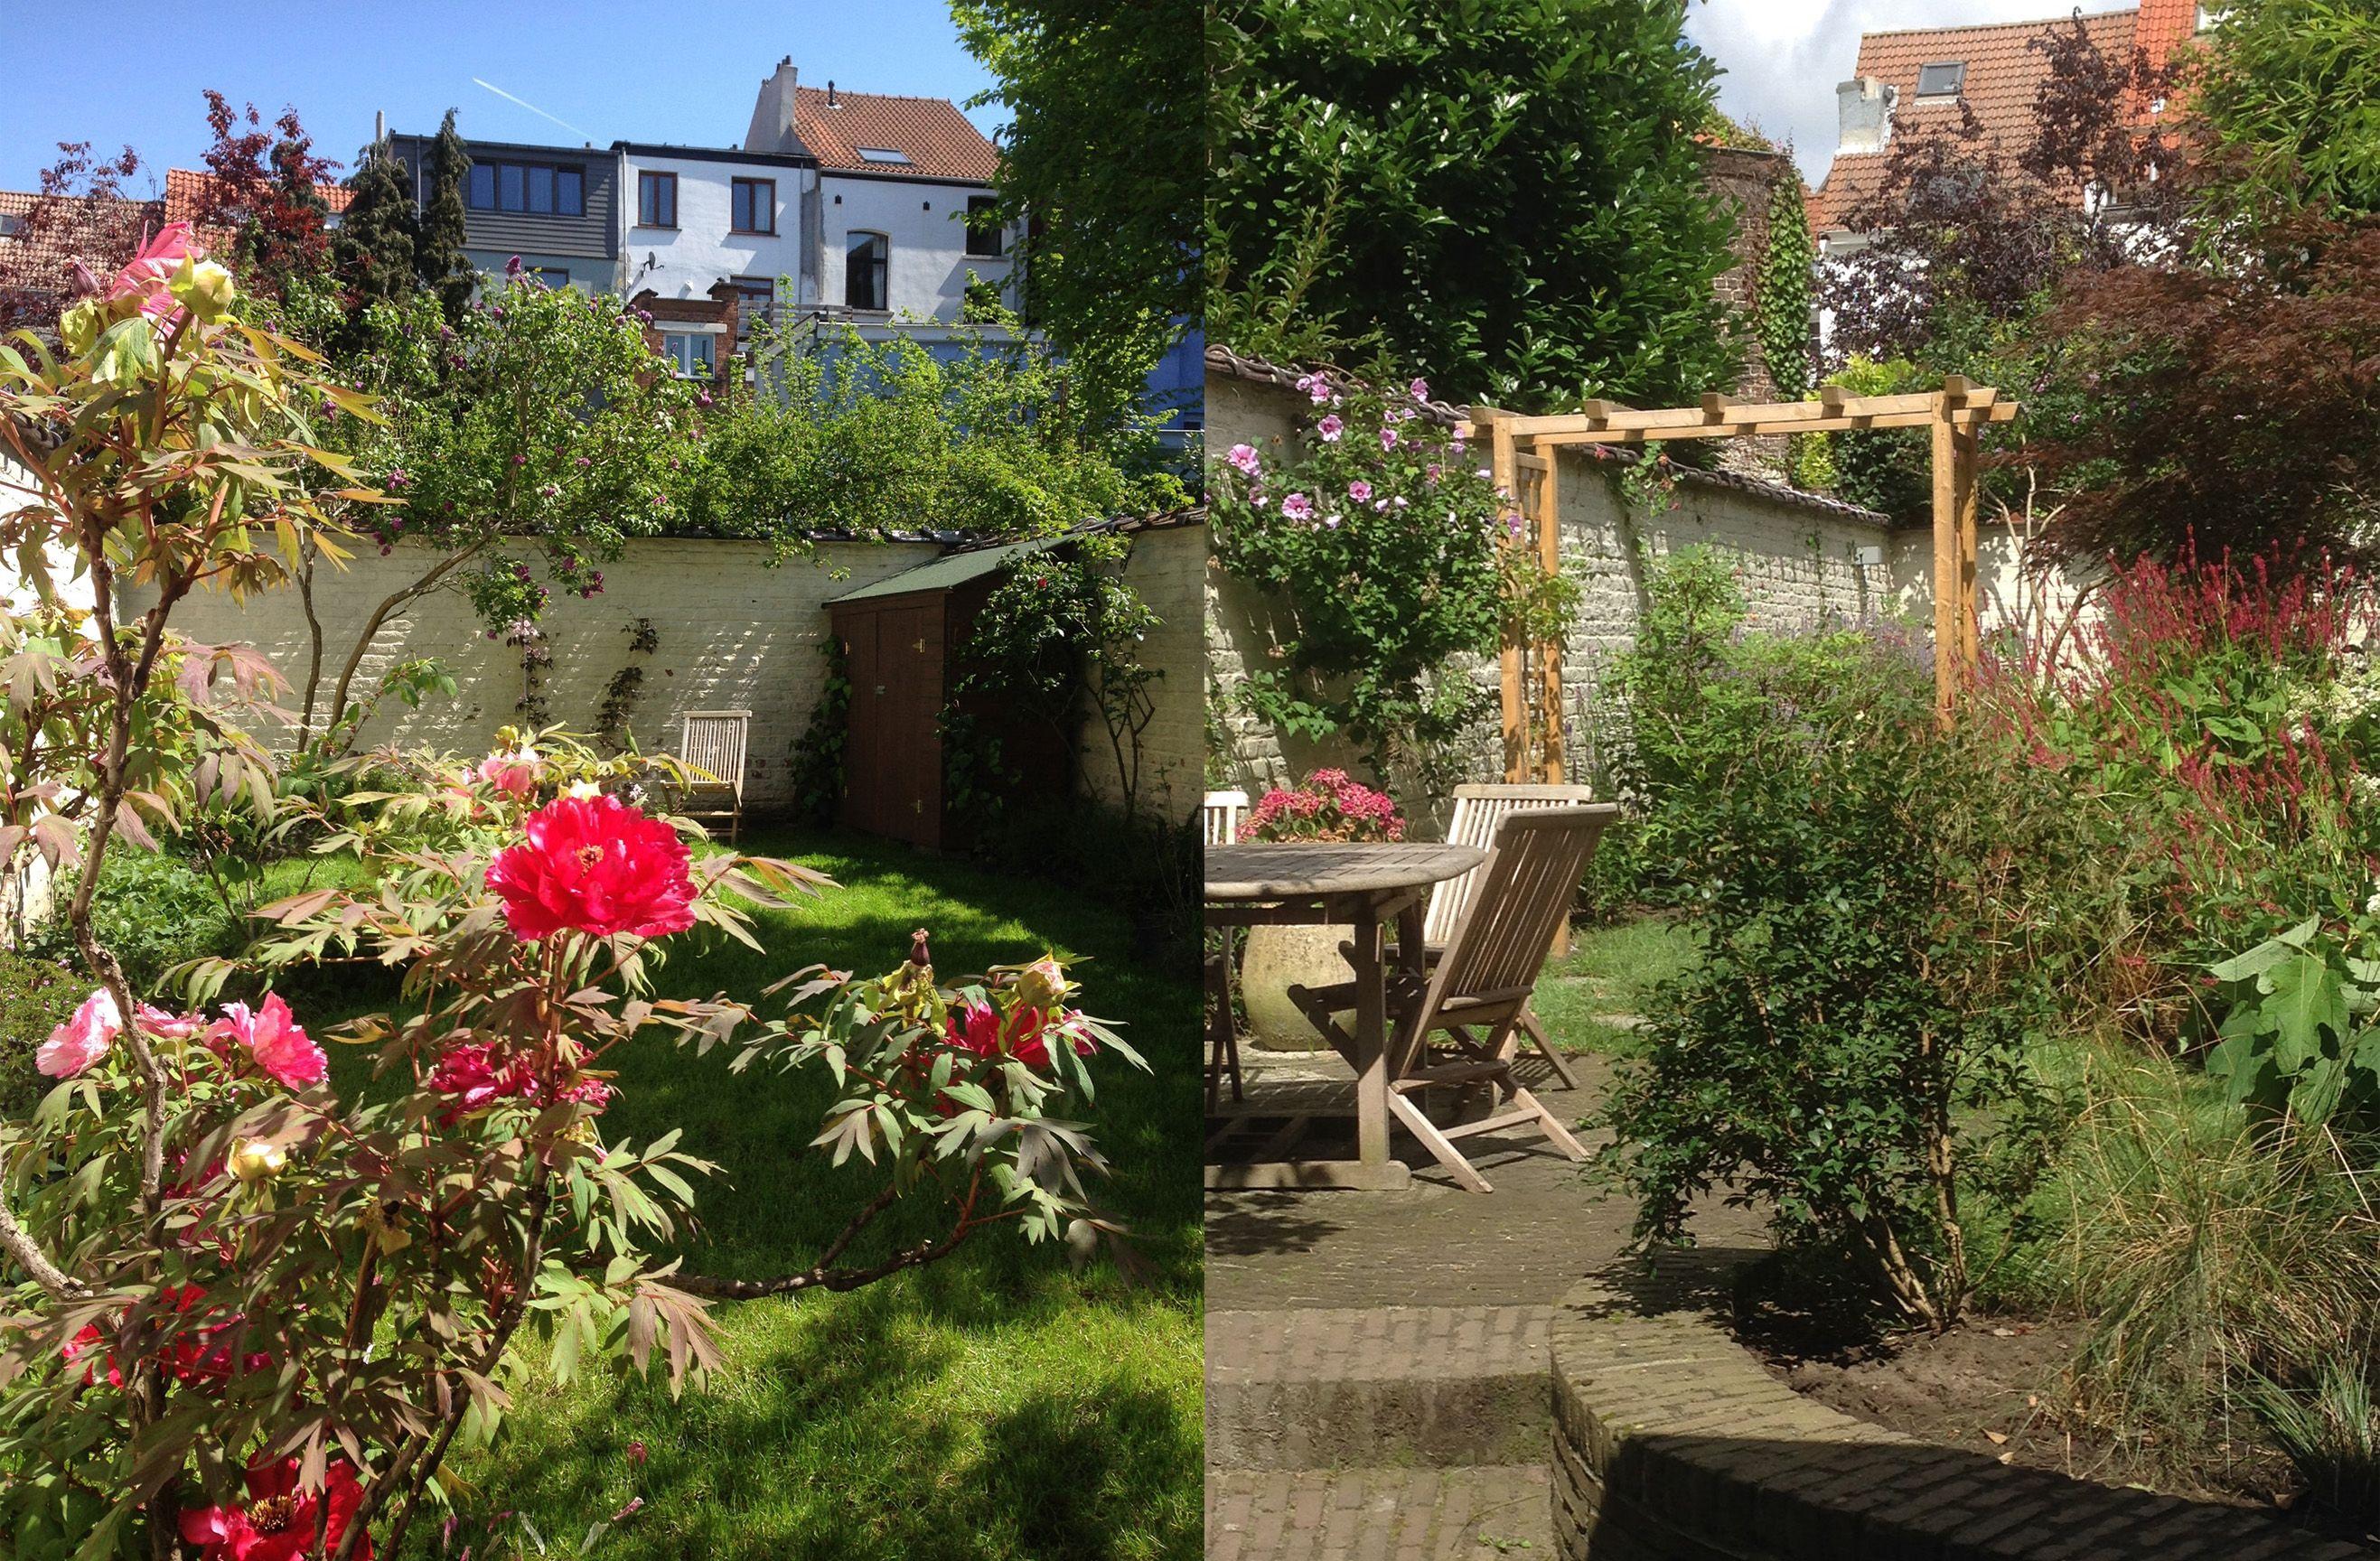 Jardin De Ville Bruxelles Amenagement Jardin Jardinage Urbain Creation Jardin